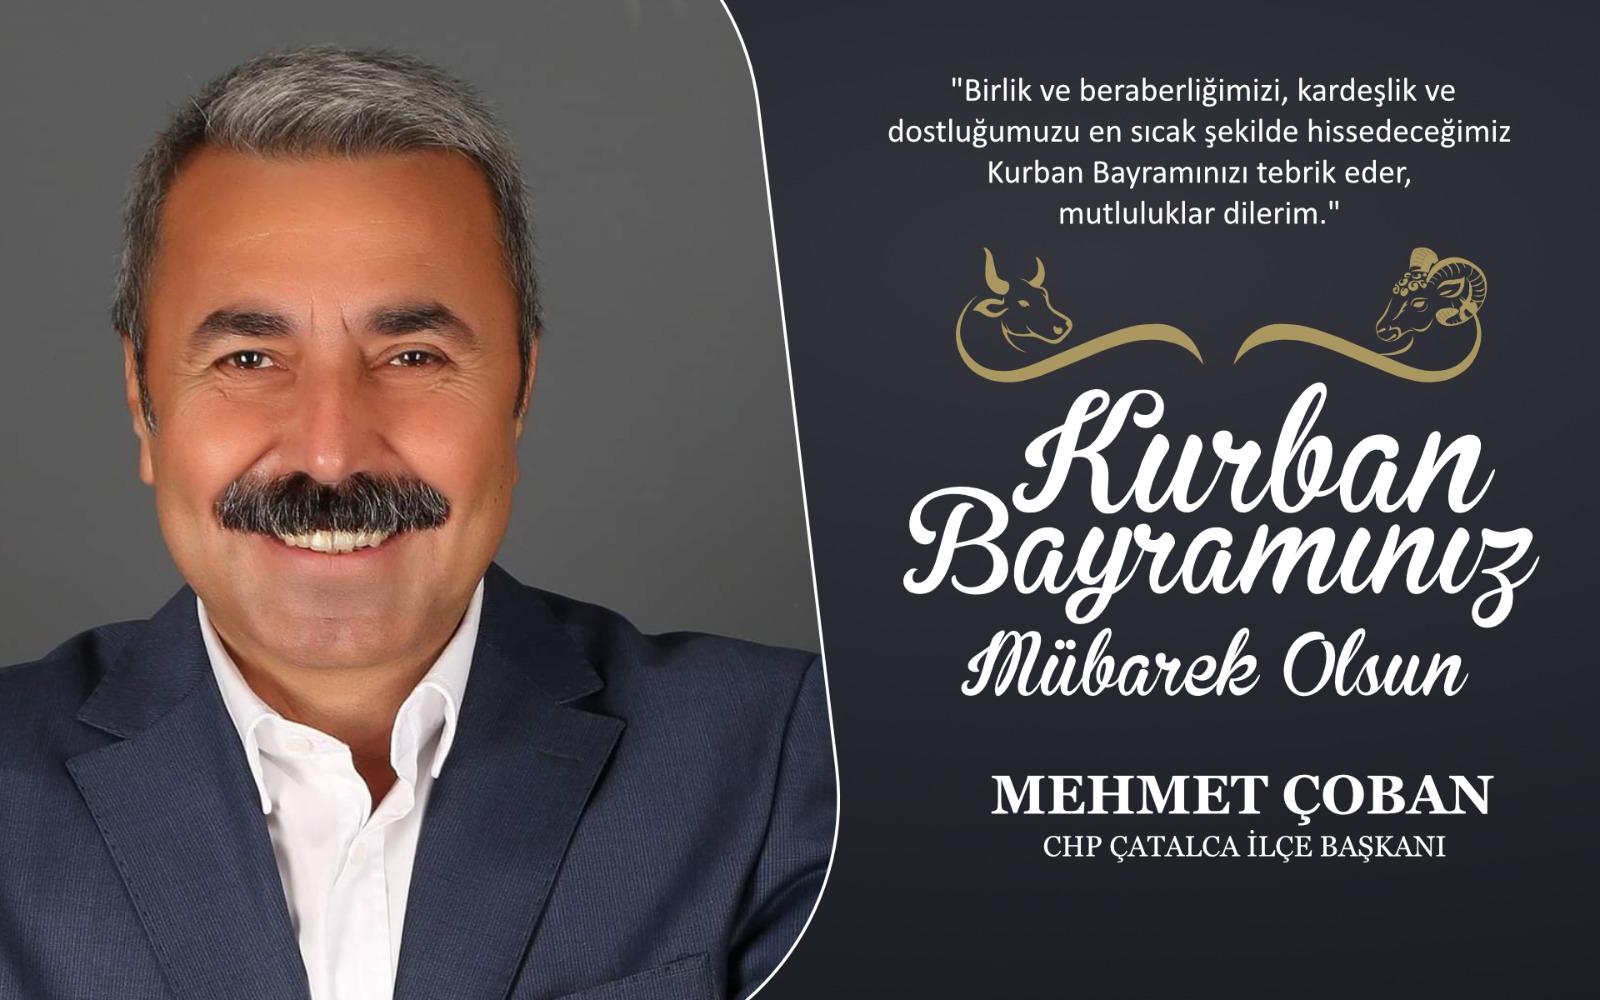 Mehmet Çoban'dan Kurban Bayramı Kutlama Mesajı